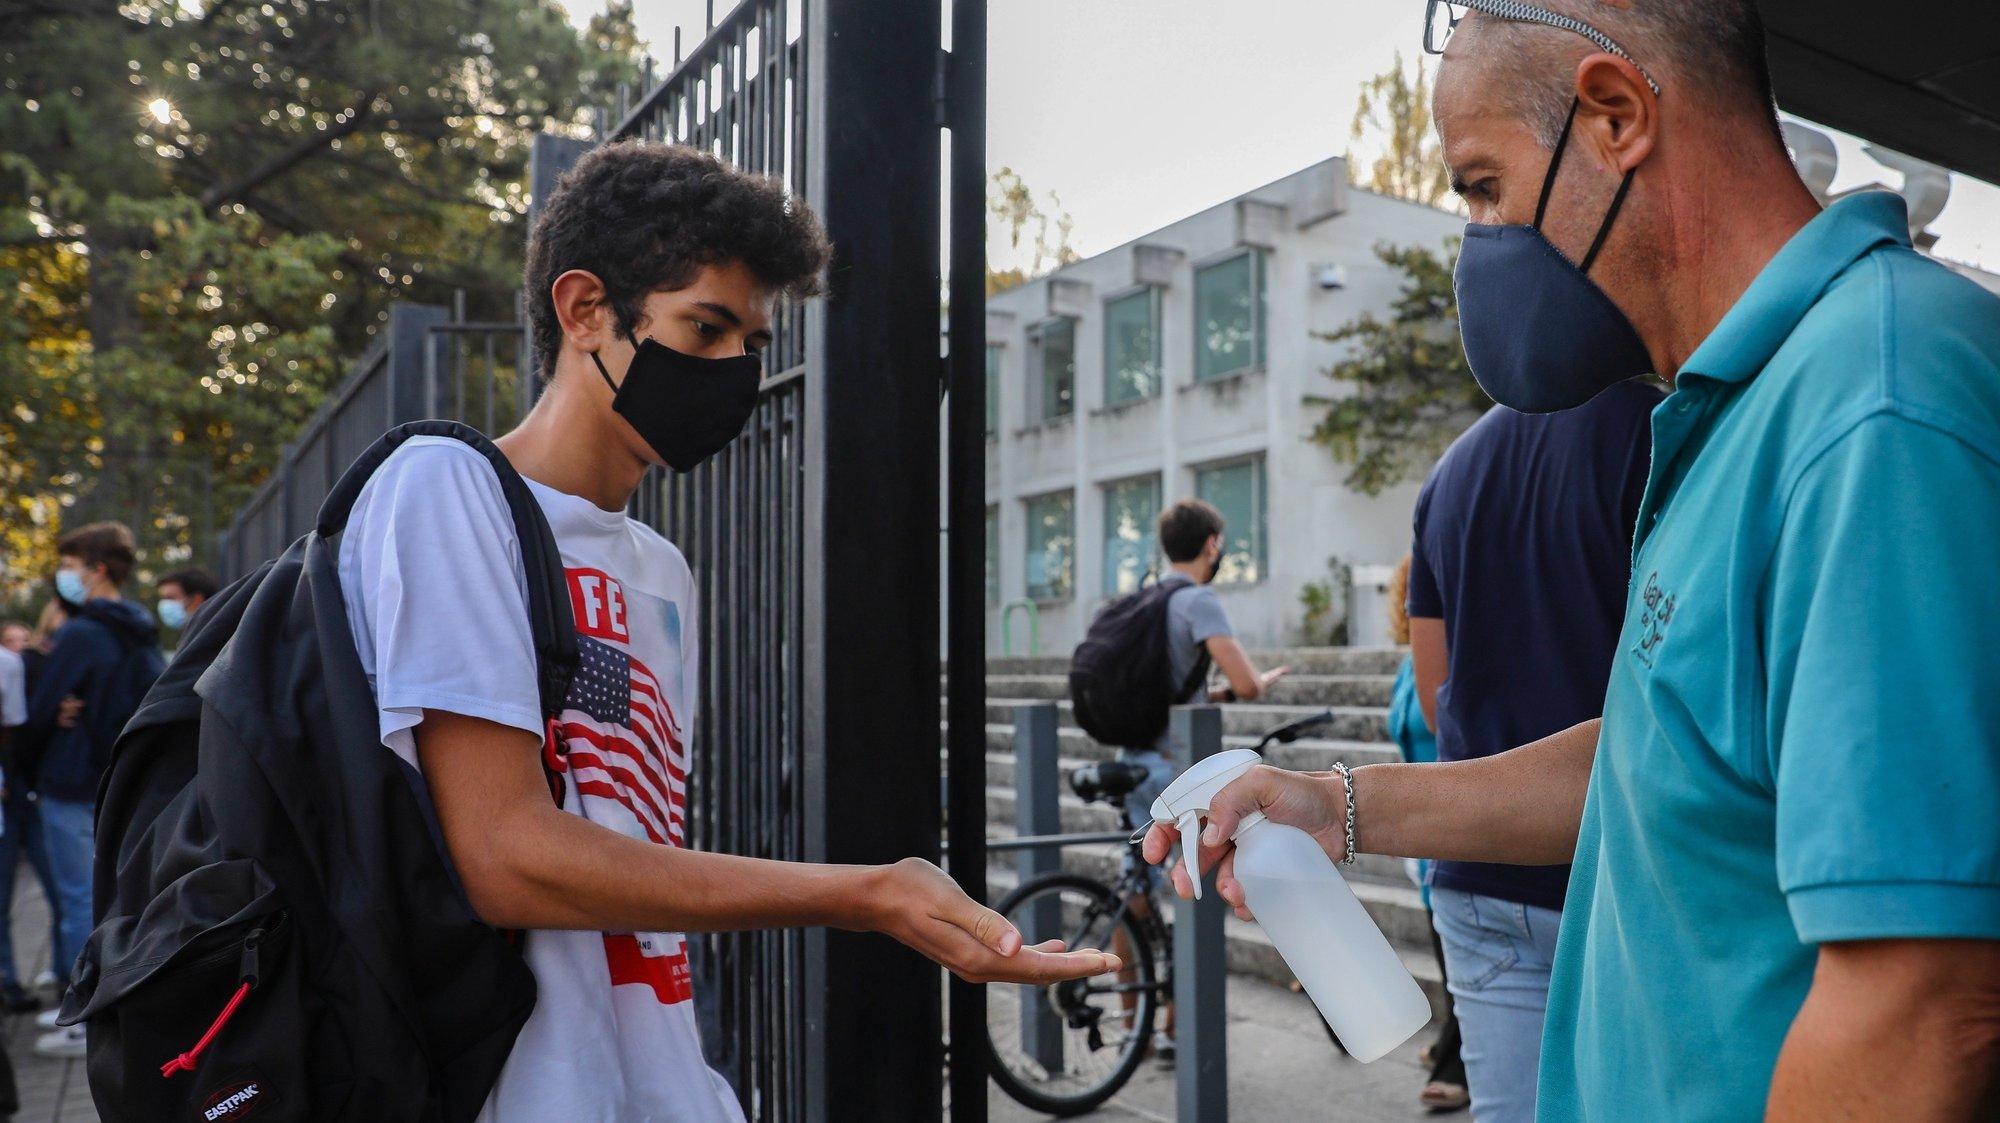 Um aluno higieniza as mãos à entrada da Escola Secundária Garcia da Orta no primeiro dia de aulas em plena pandemia de Covid-19, no Porto, 17 de setembro de 2020. JOSÉ COELHO/LUSA